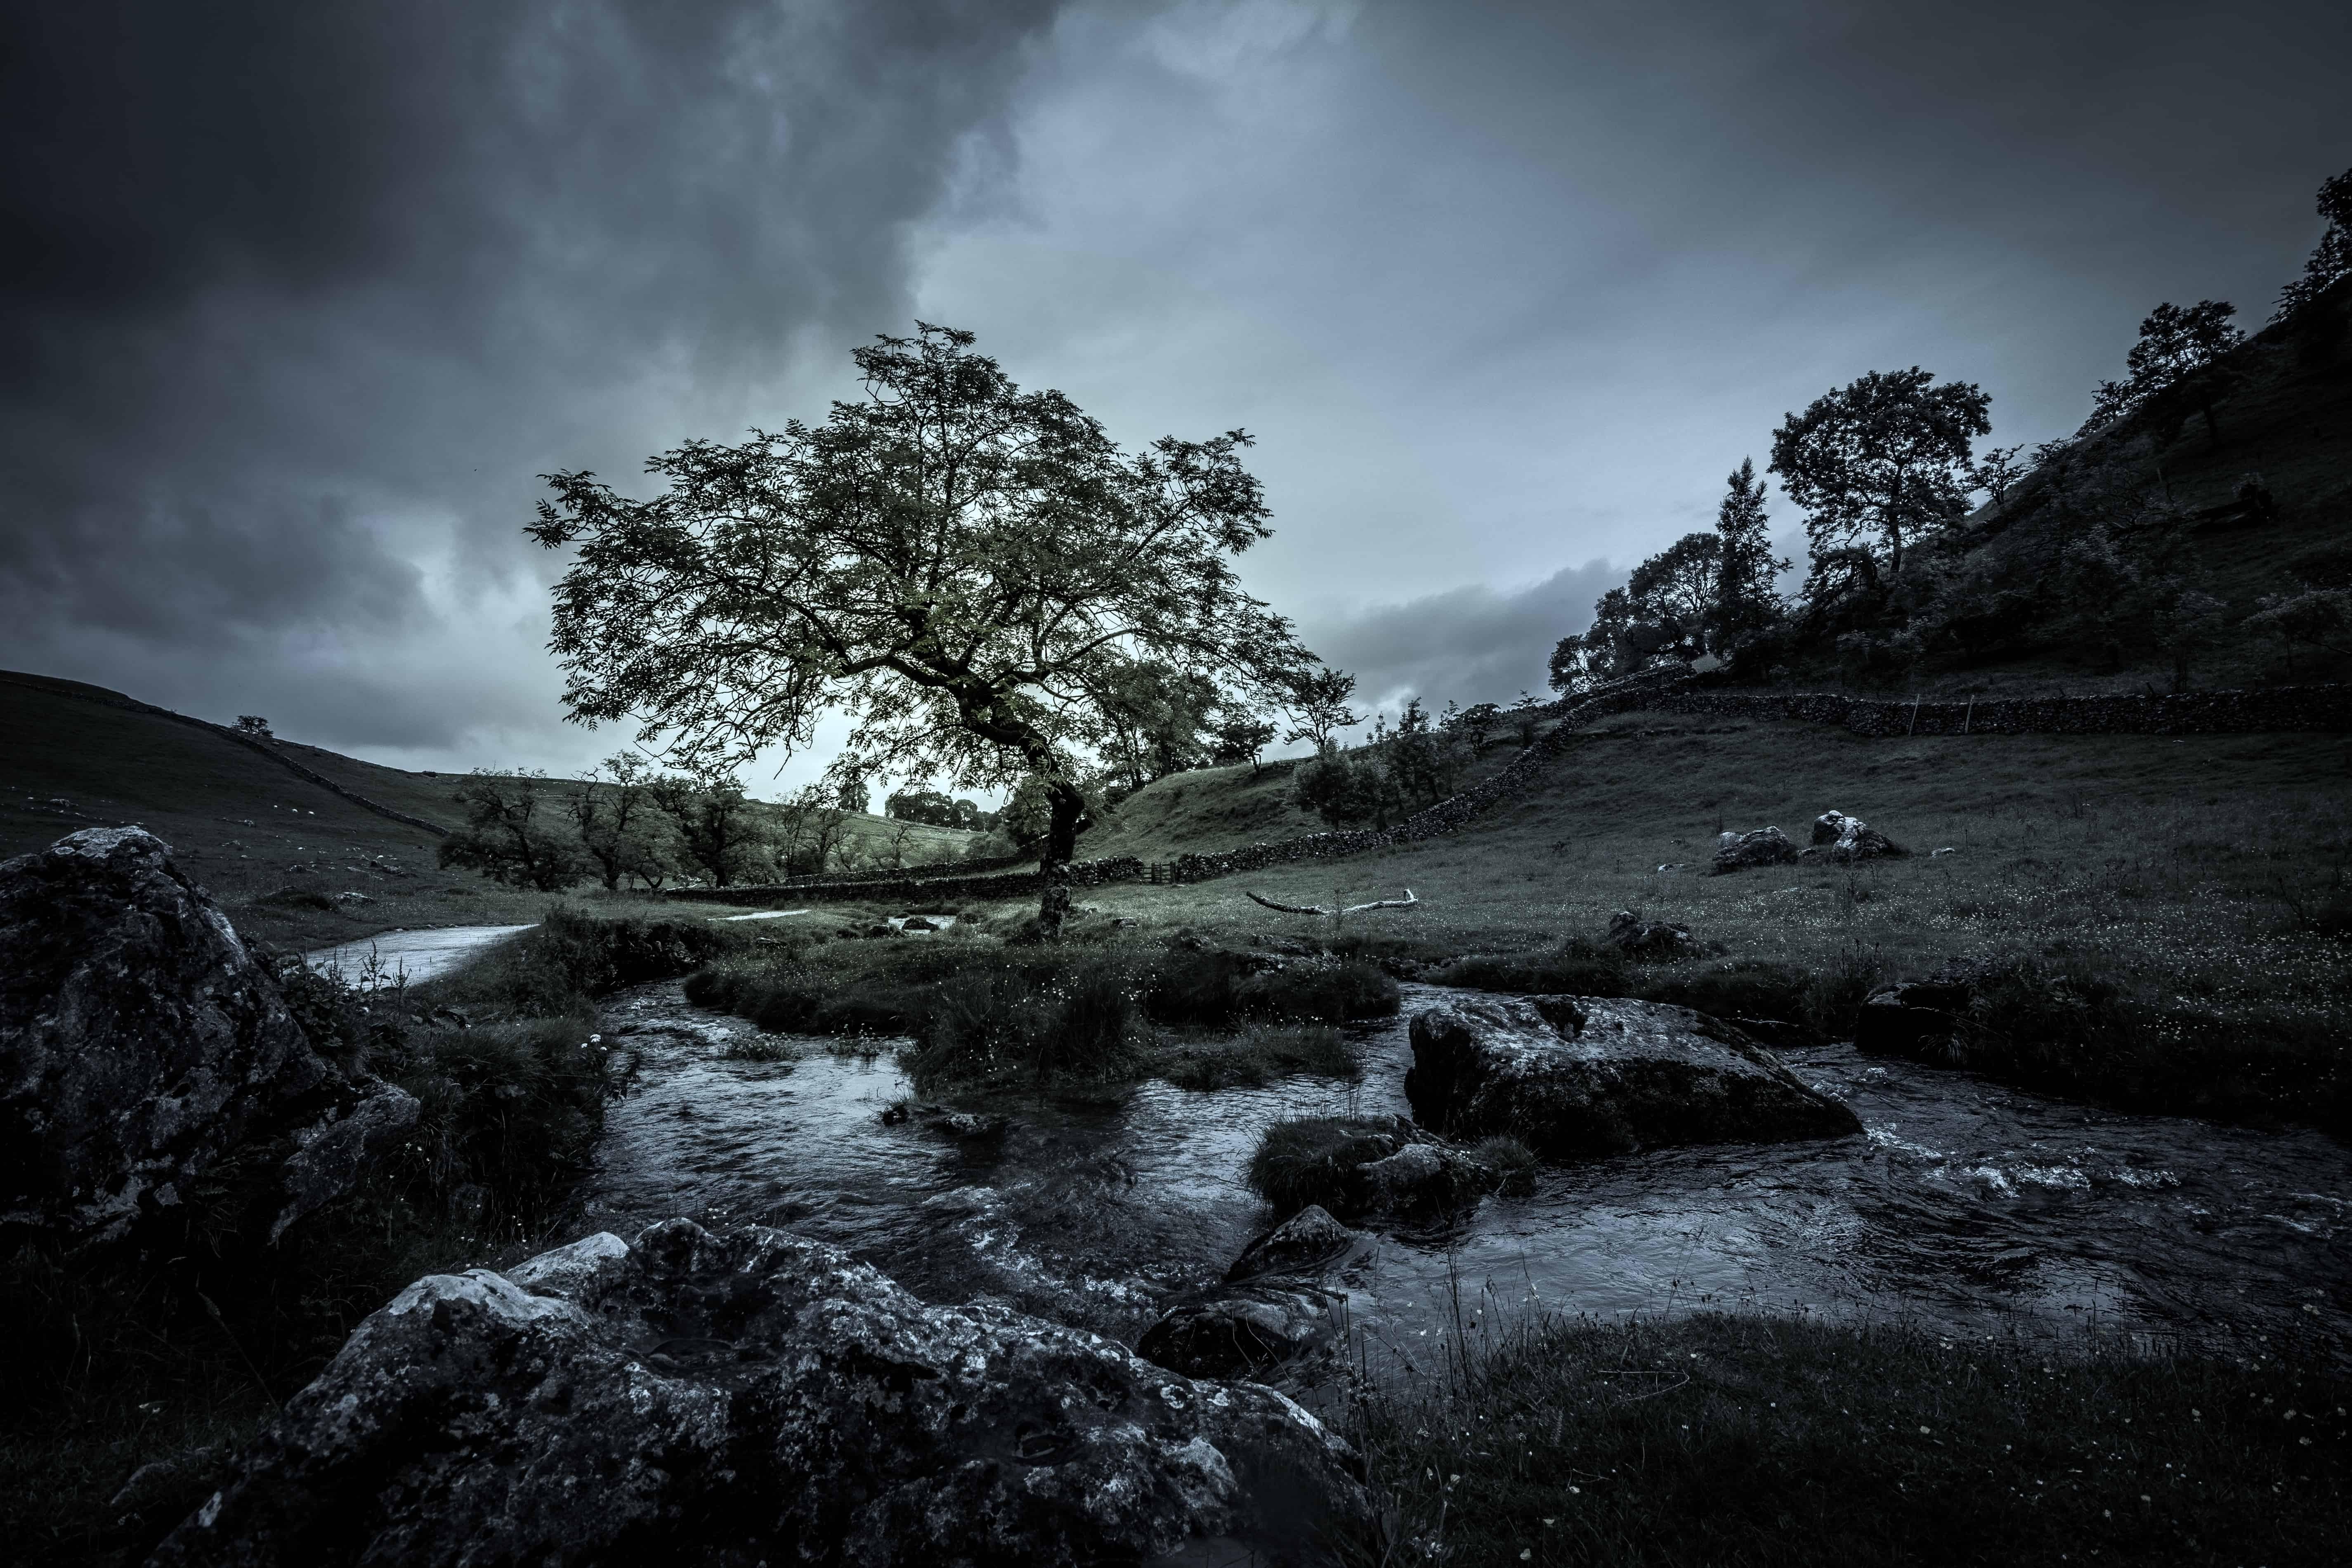 Foto gratis bianco e nero acqua montagna fiume for Disegni bianco e nero paesaggi